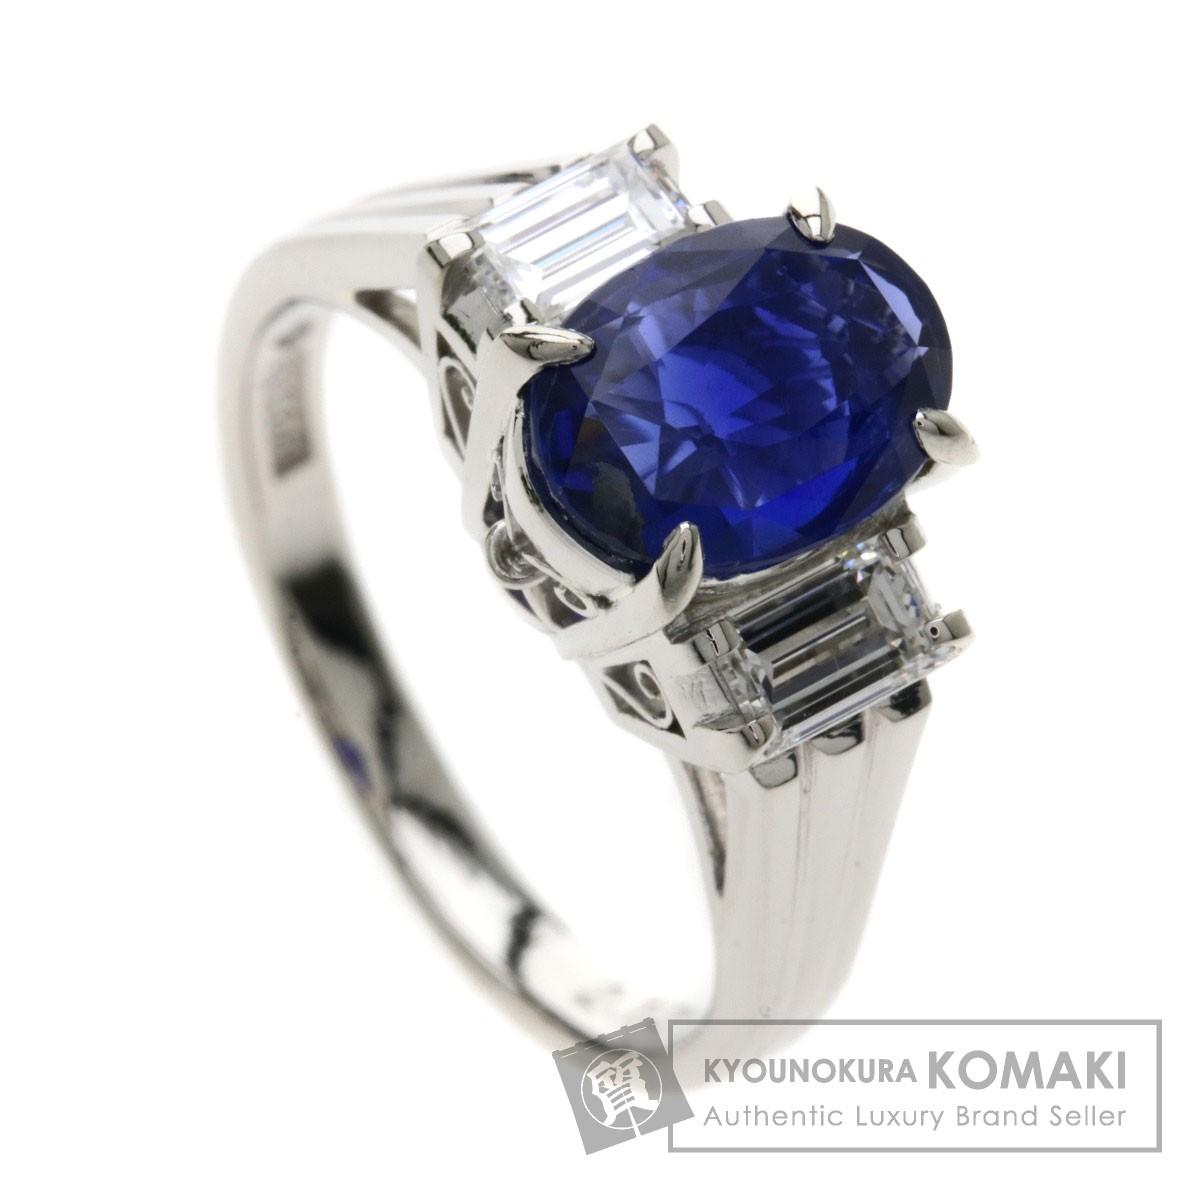 2.12ct サファイヤ/ダイヤモンド リング・指輪 プラチナPT900 5.3g レディース 【中古】